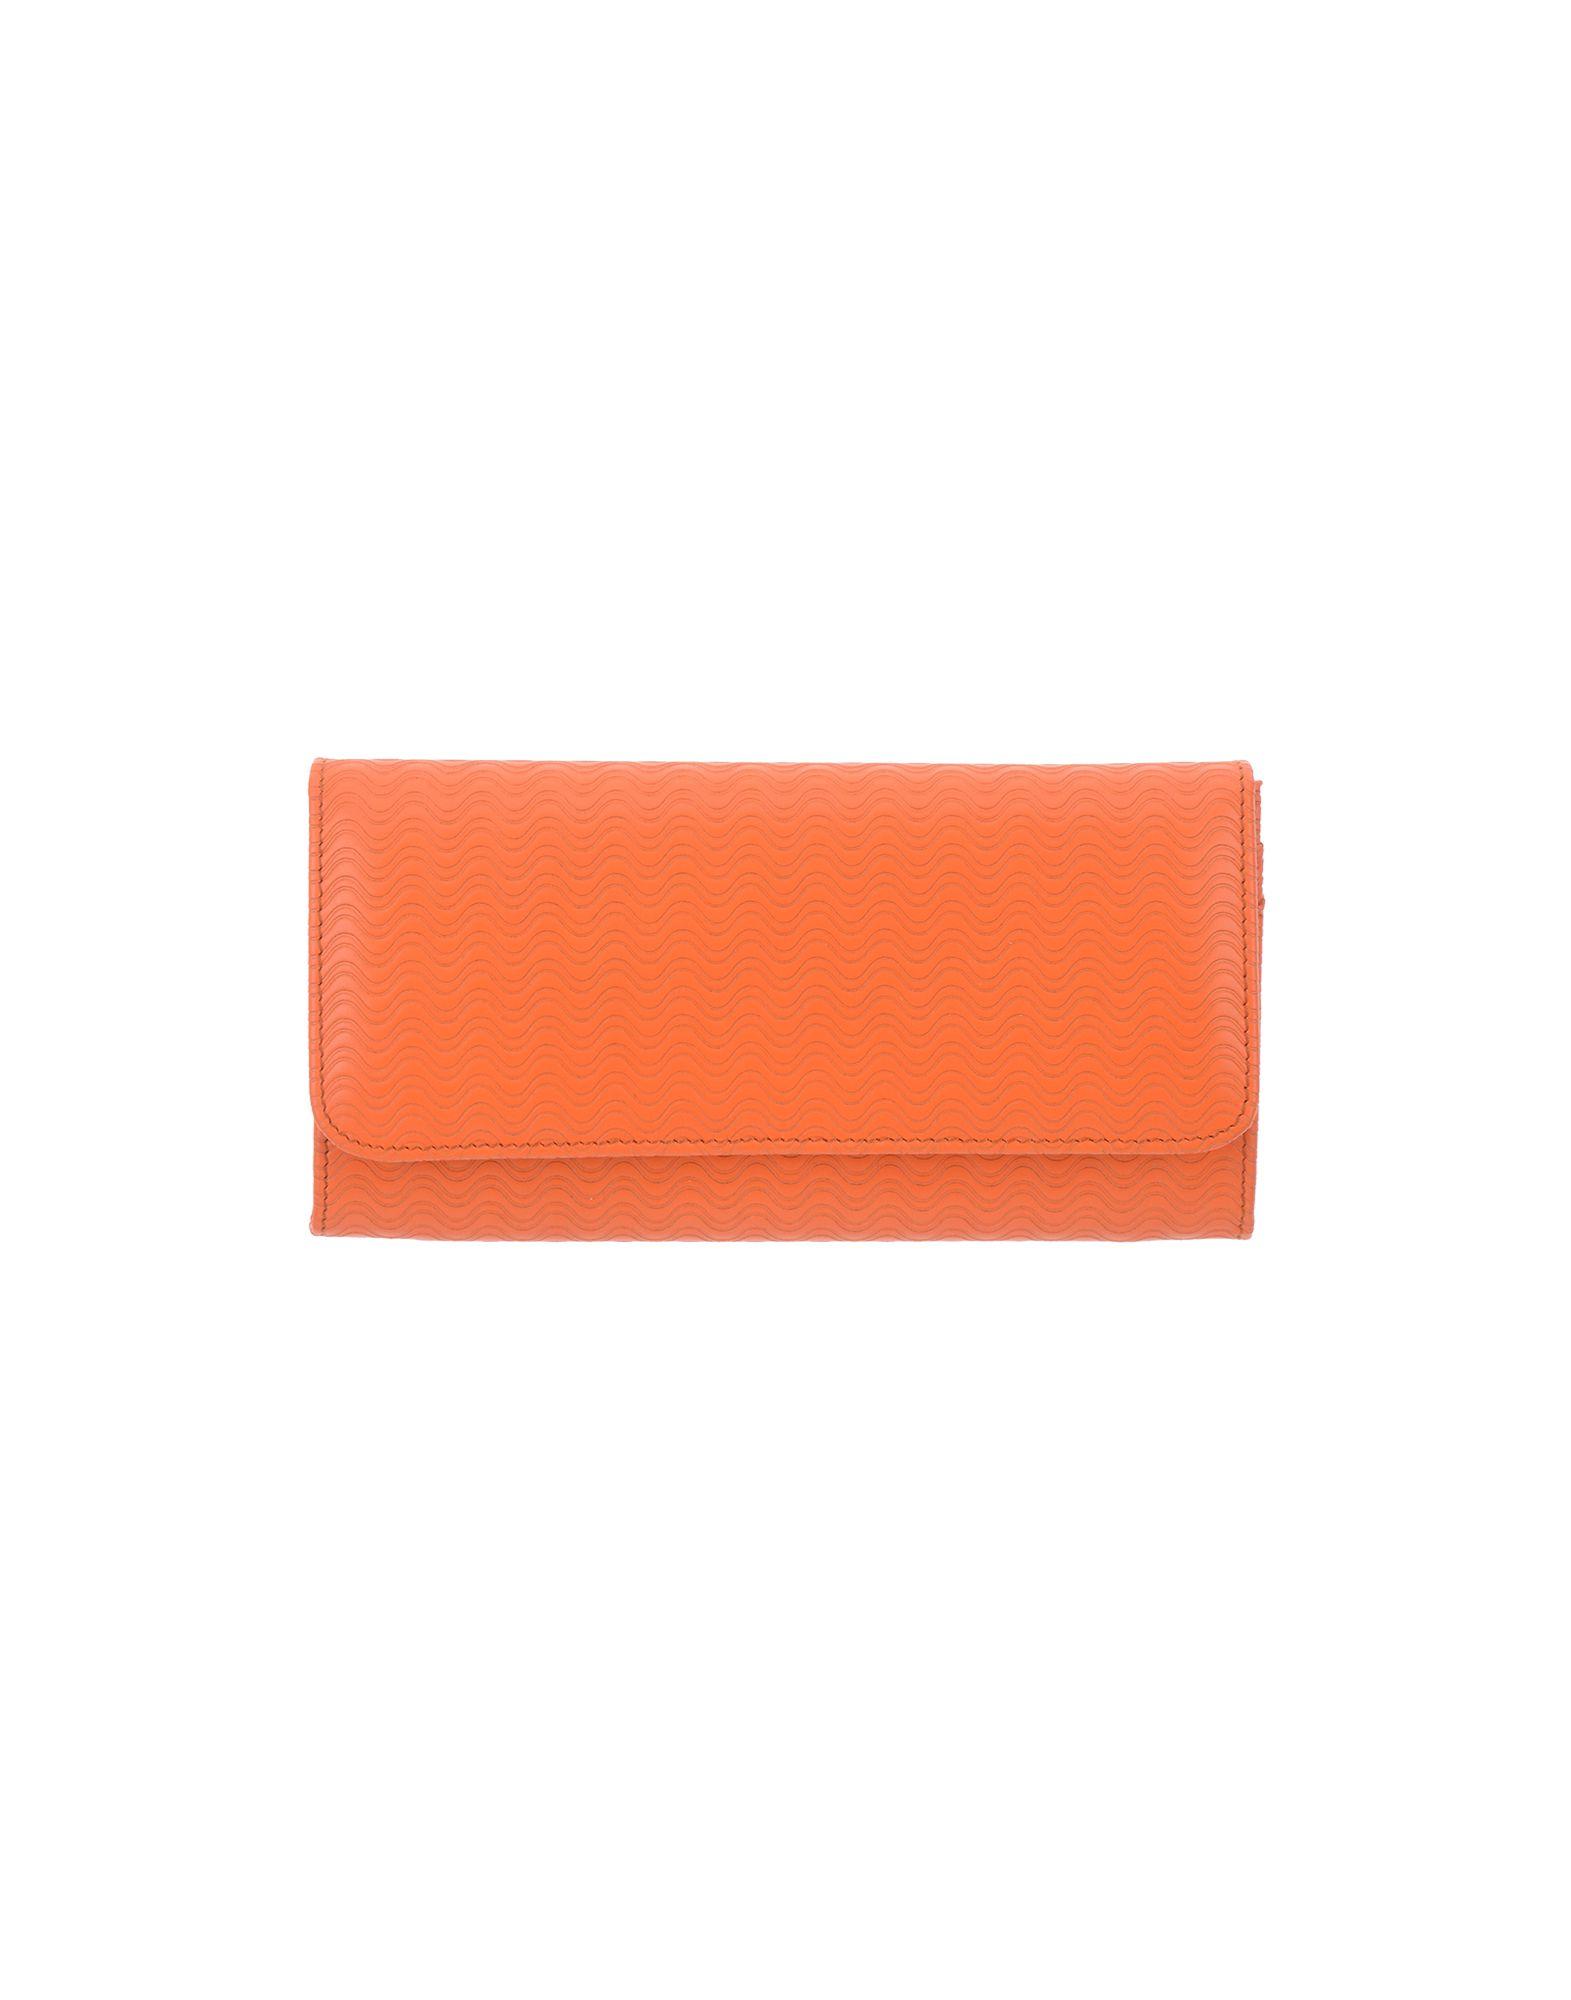 《送料無料》ZANELLATO レディース 財布 オレンジ 革